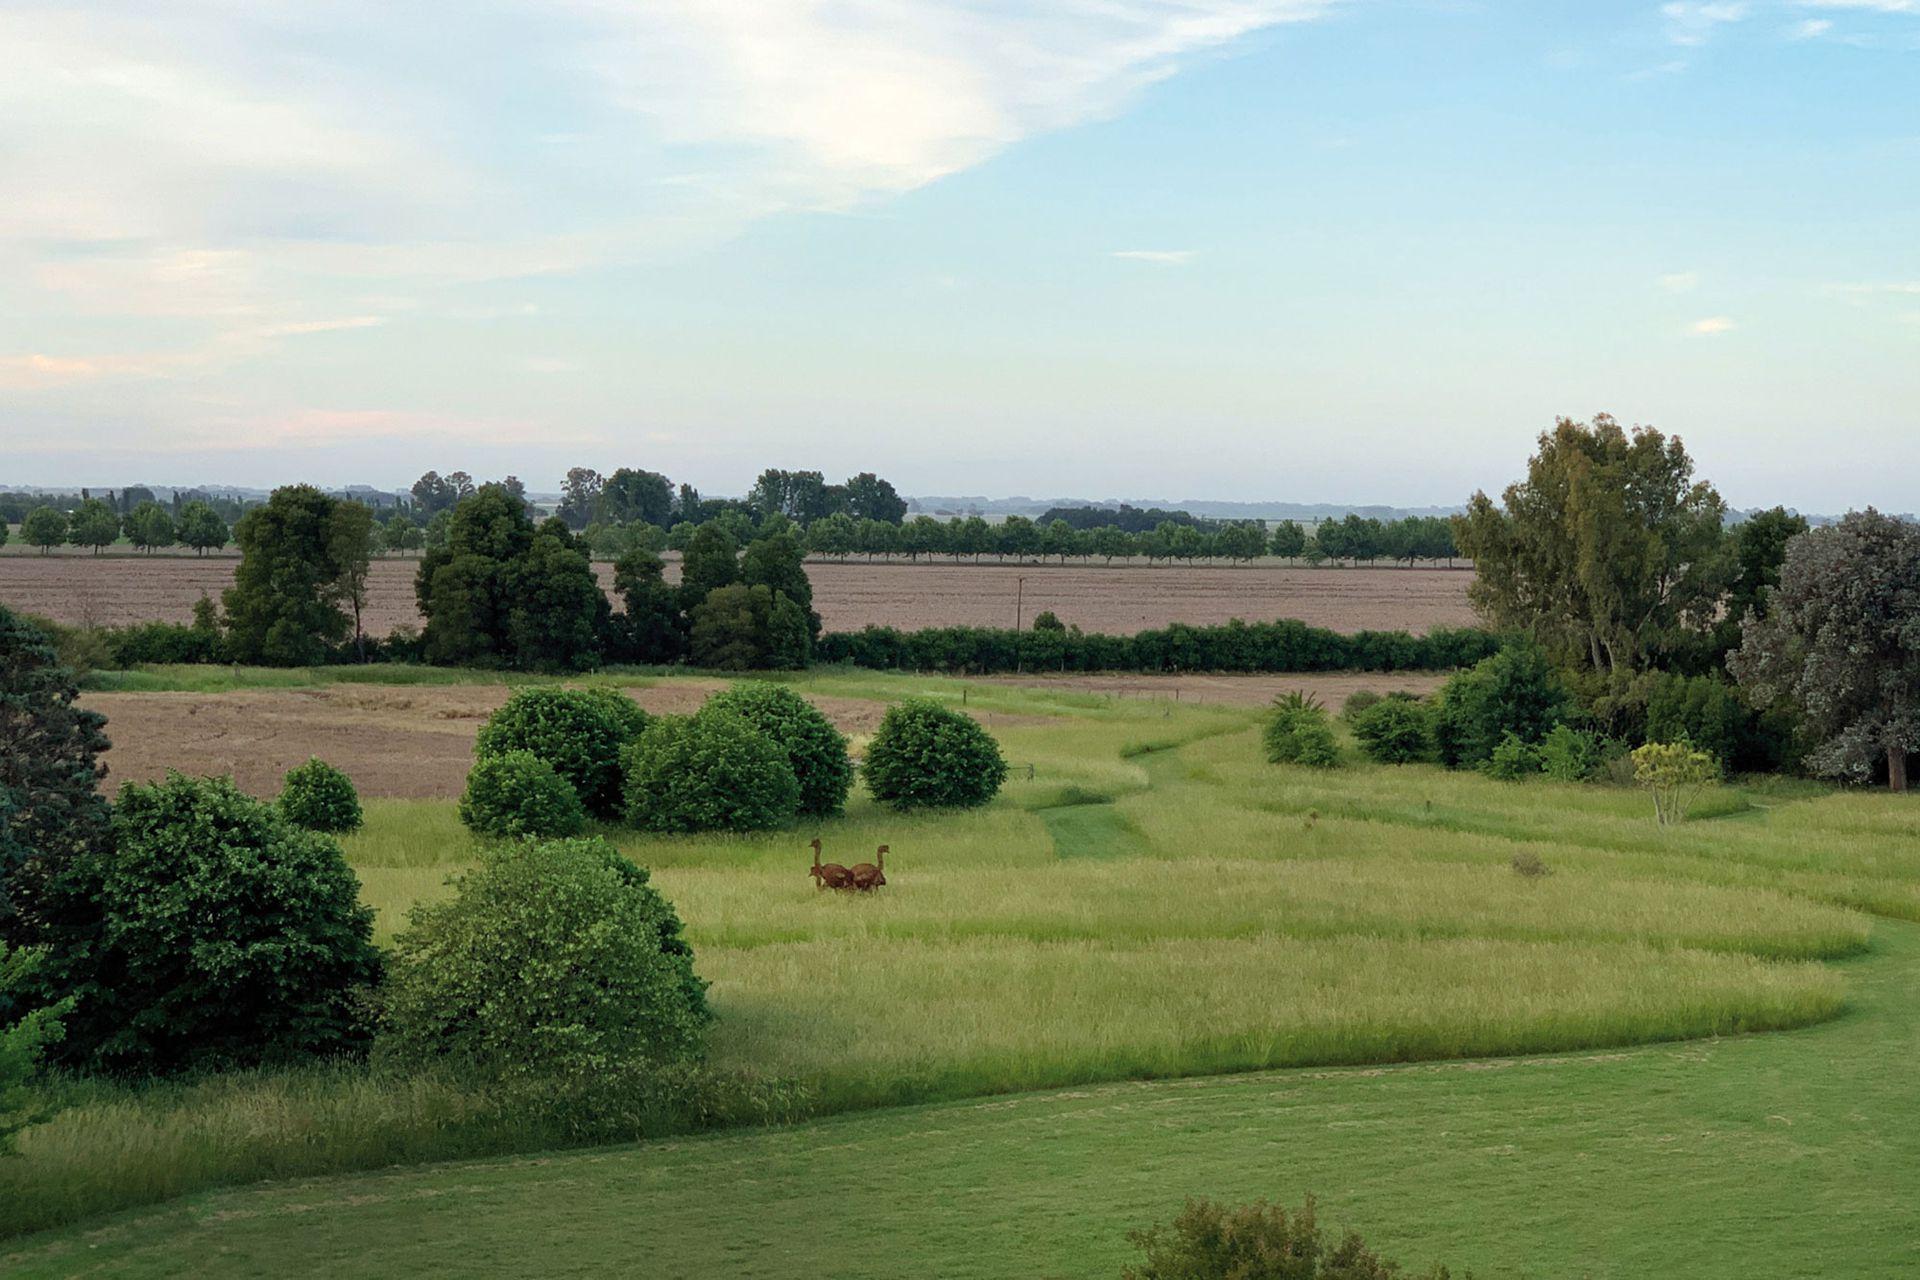 Vista de Bellatrix y su paisaje rural, donde se aprecian los caminos de césped entre las praderas naturales.